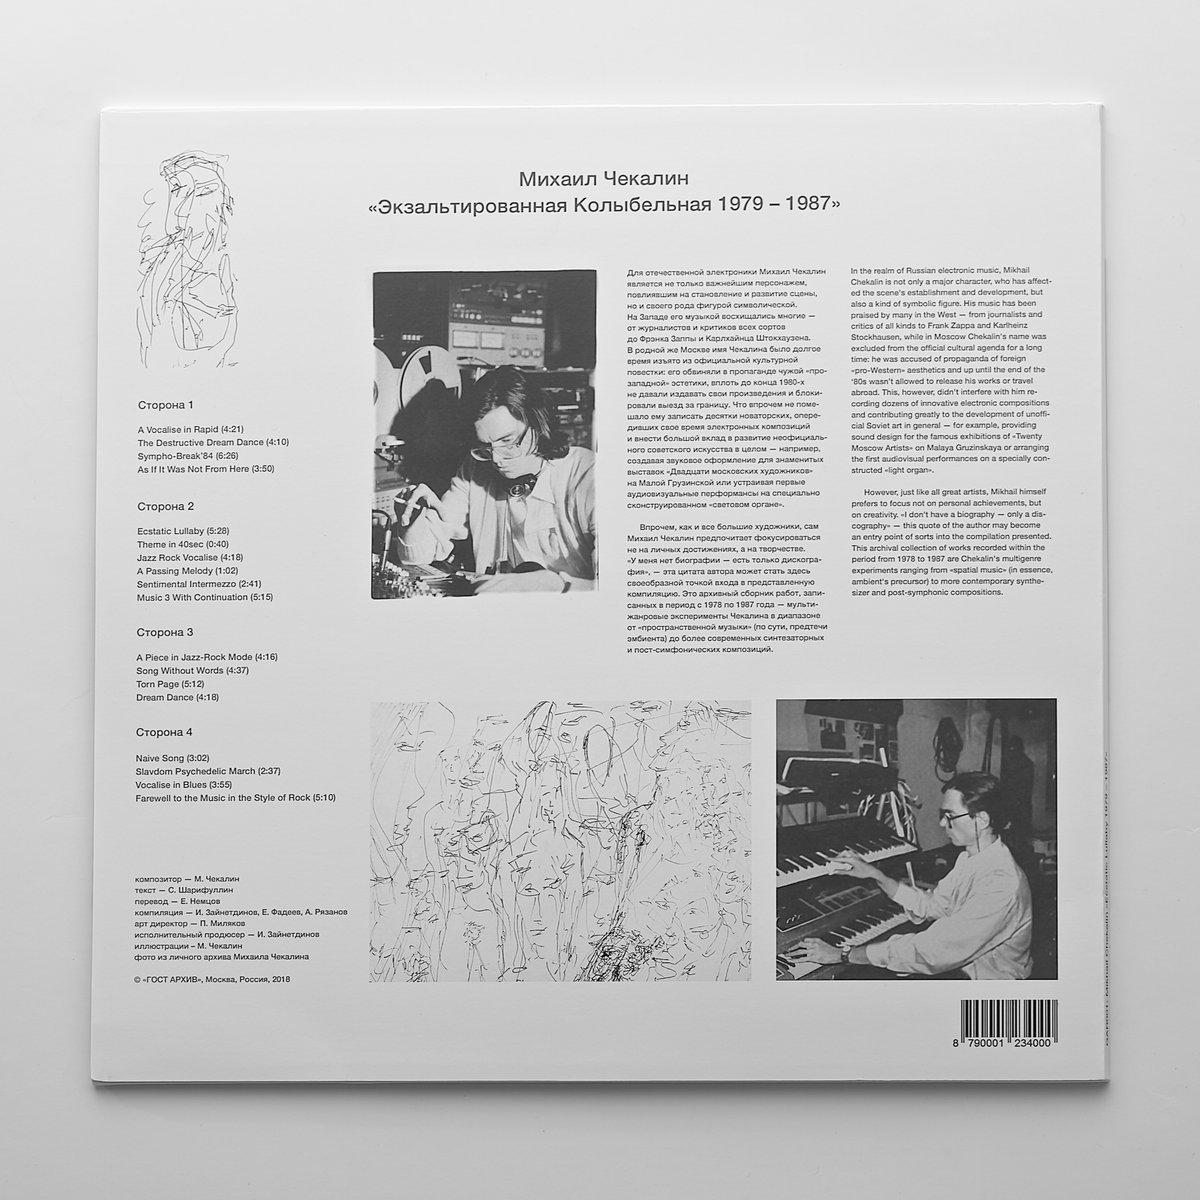 ГАР001: Михаил Чекалин «Экзальтированная Колыбельная 1979